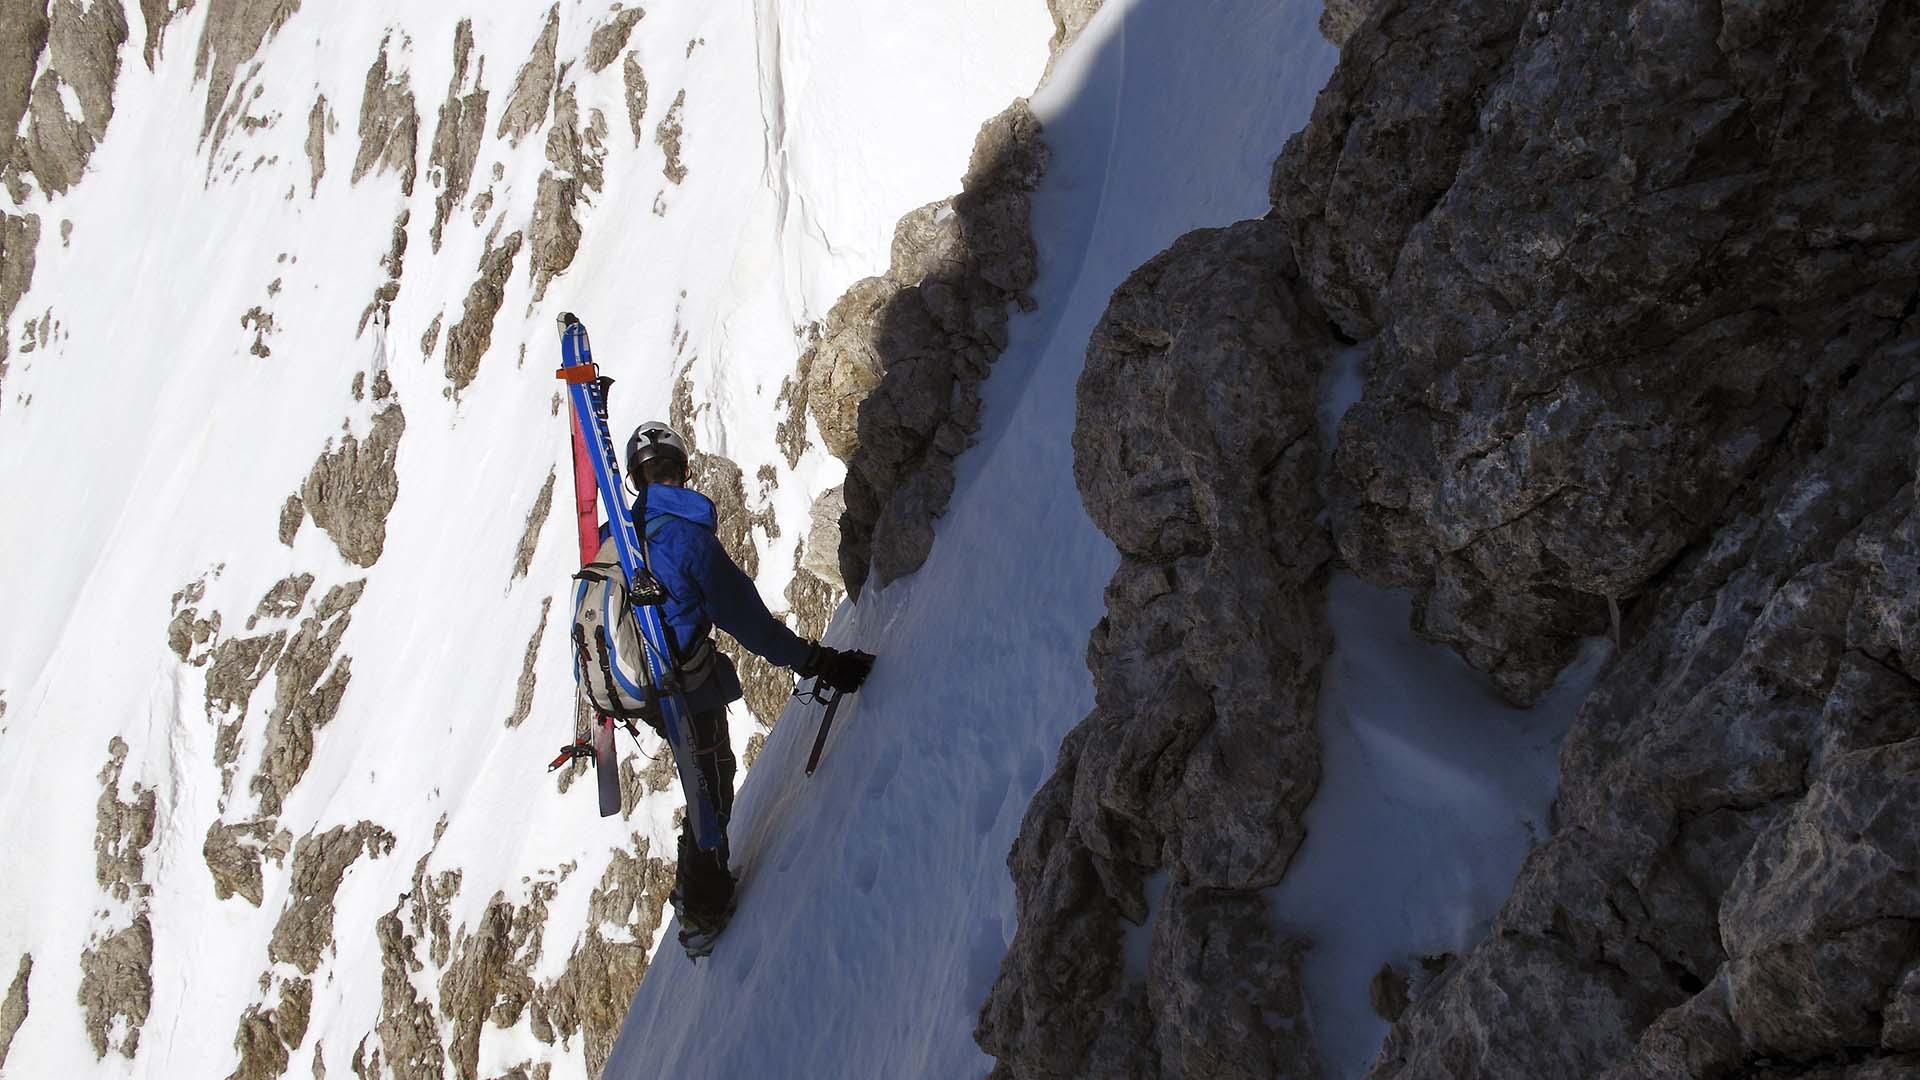 Alla ricerca di un passaggio per il canale che dia accesso alla cima (ph. Loris De Barba)